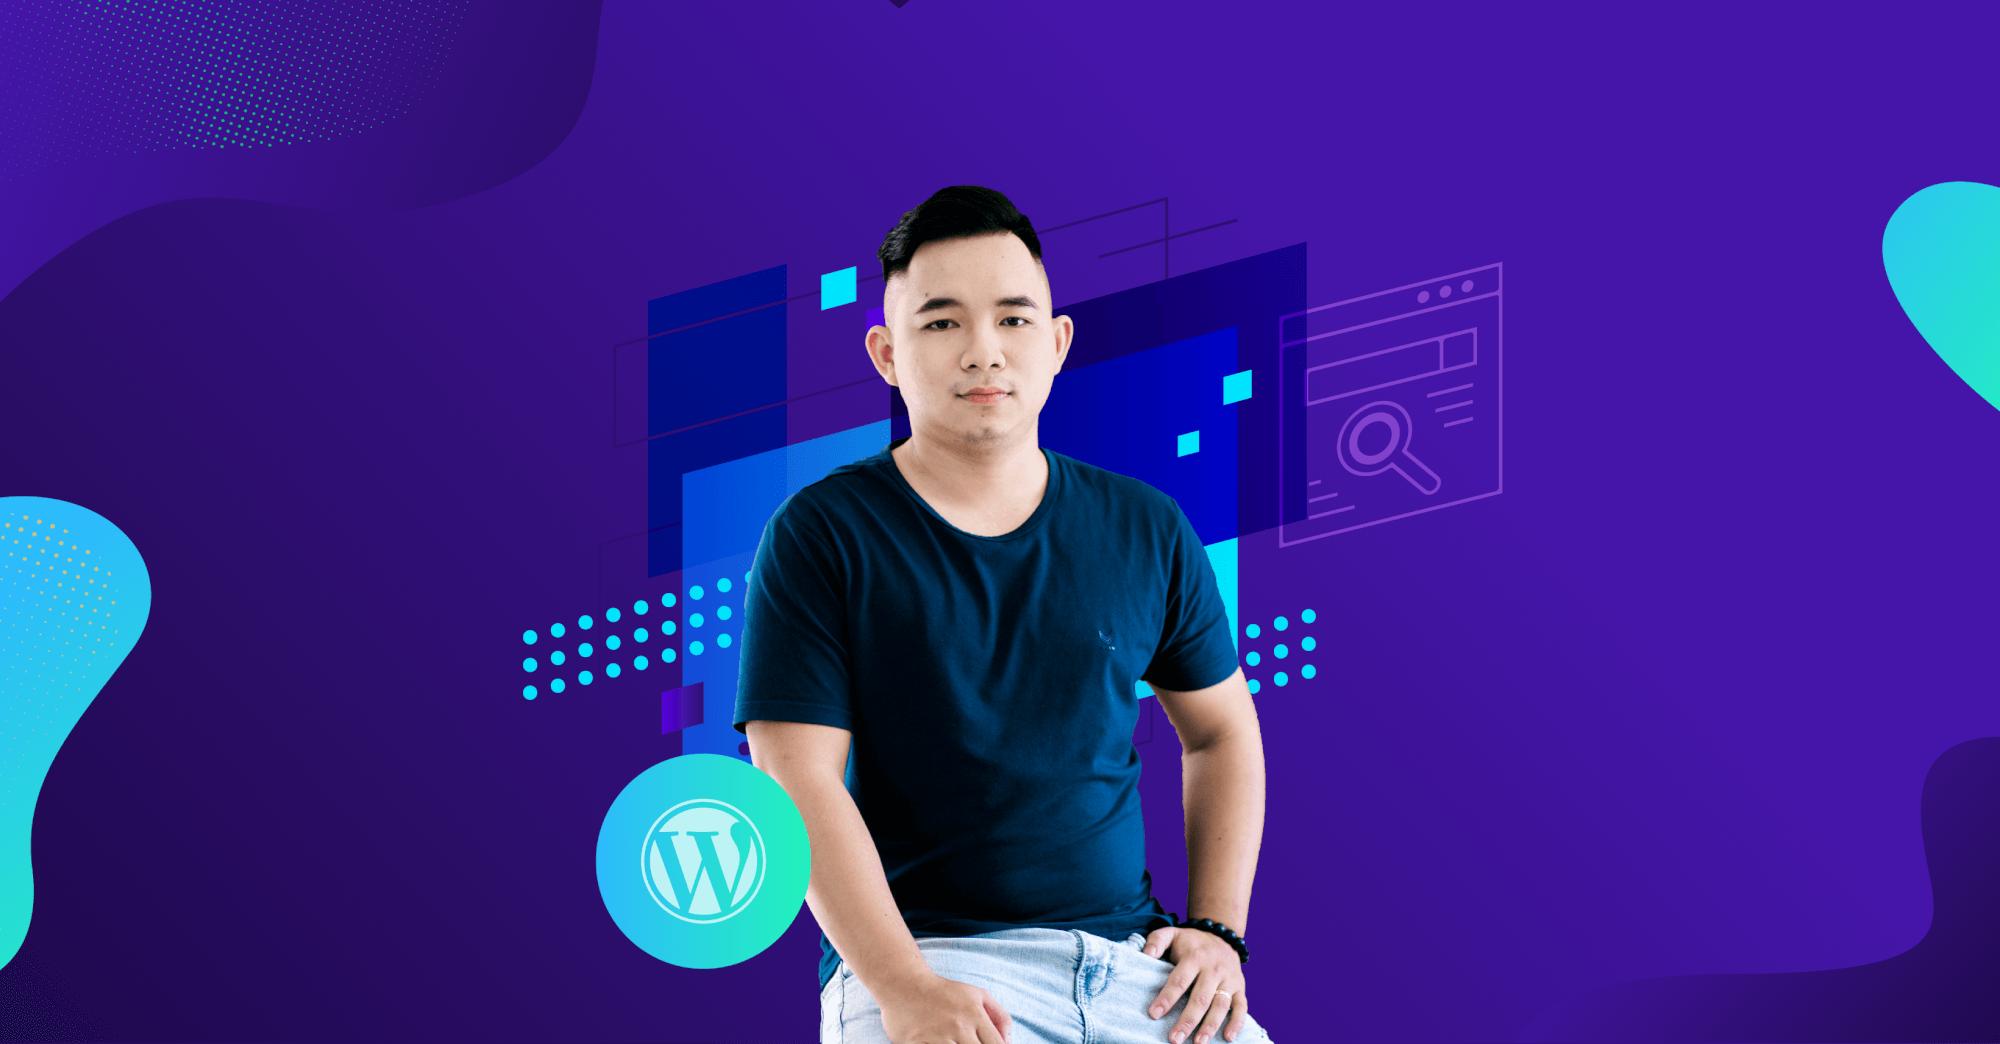 WordPress nâng cao: Làm website bán hàng và website tin tức, bảo mật WP nâng cao và tối ưu tốc độ website